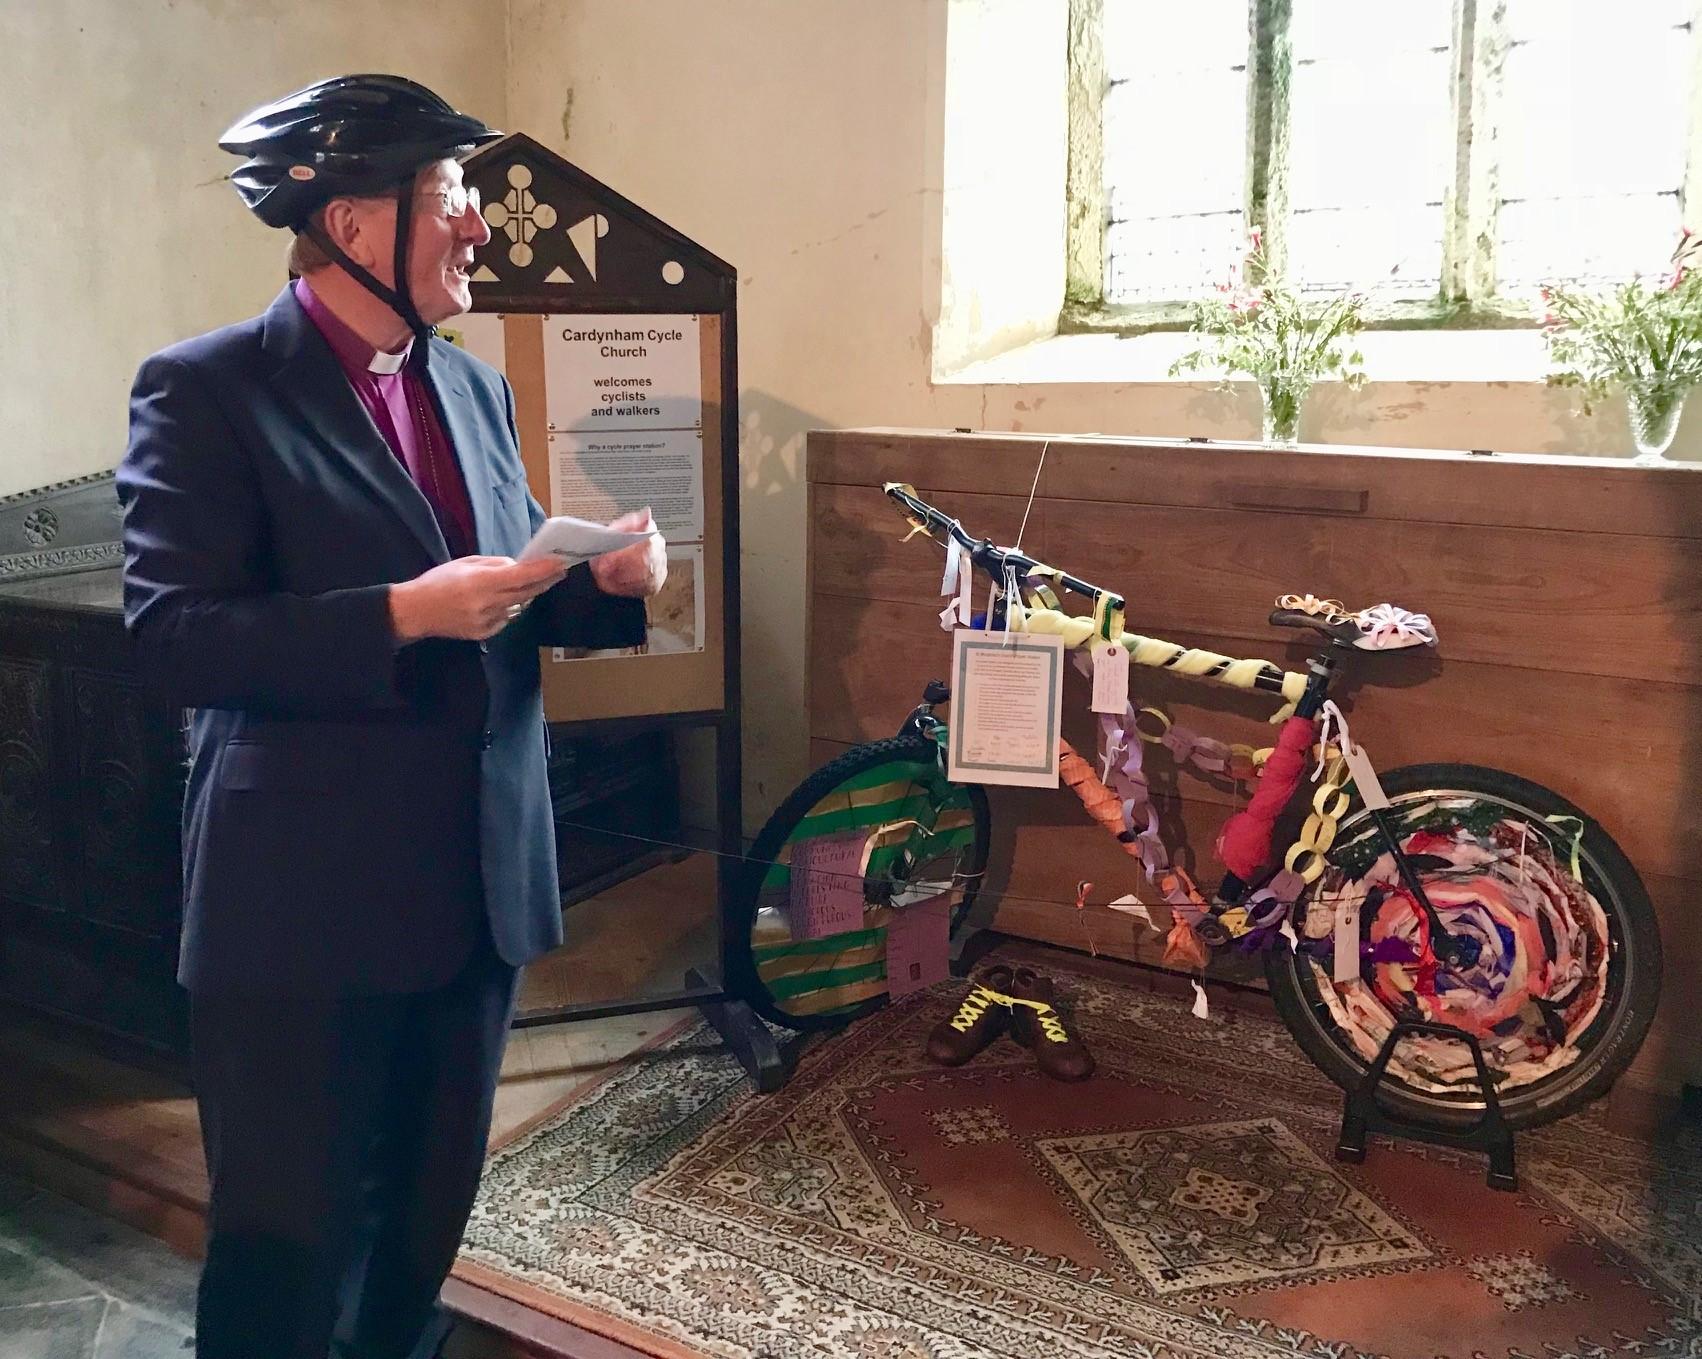 Cycle church 1